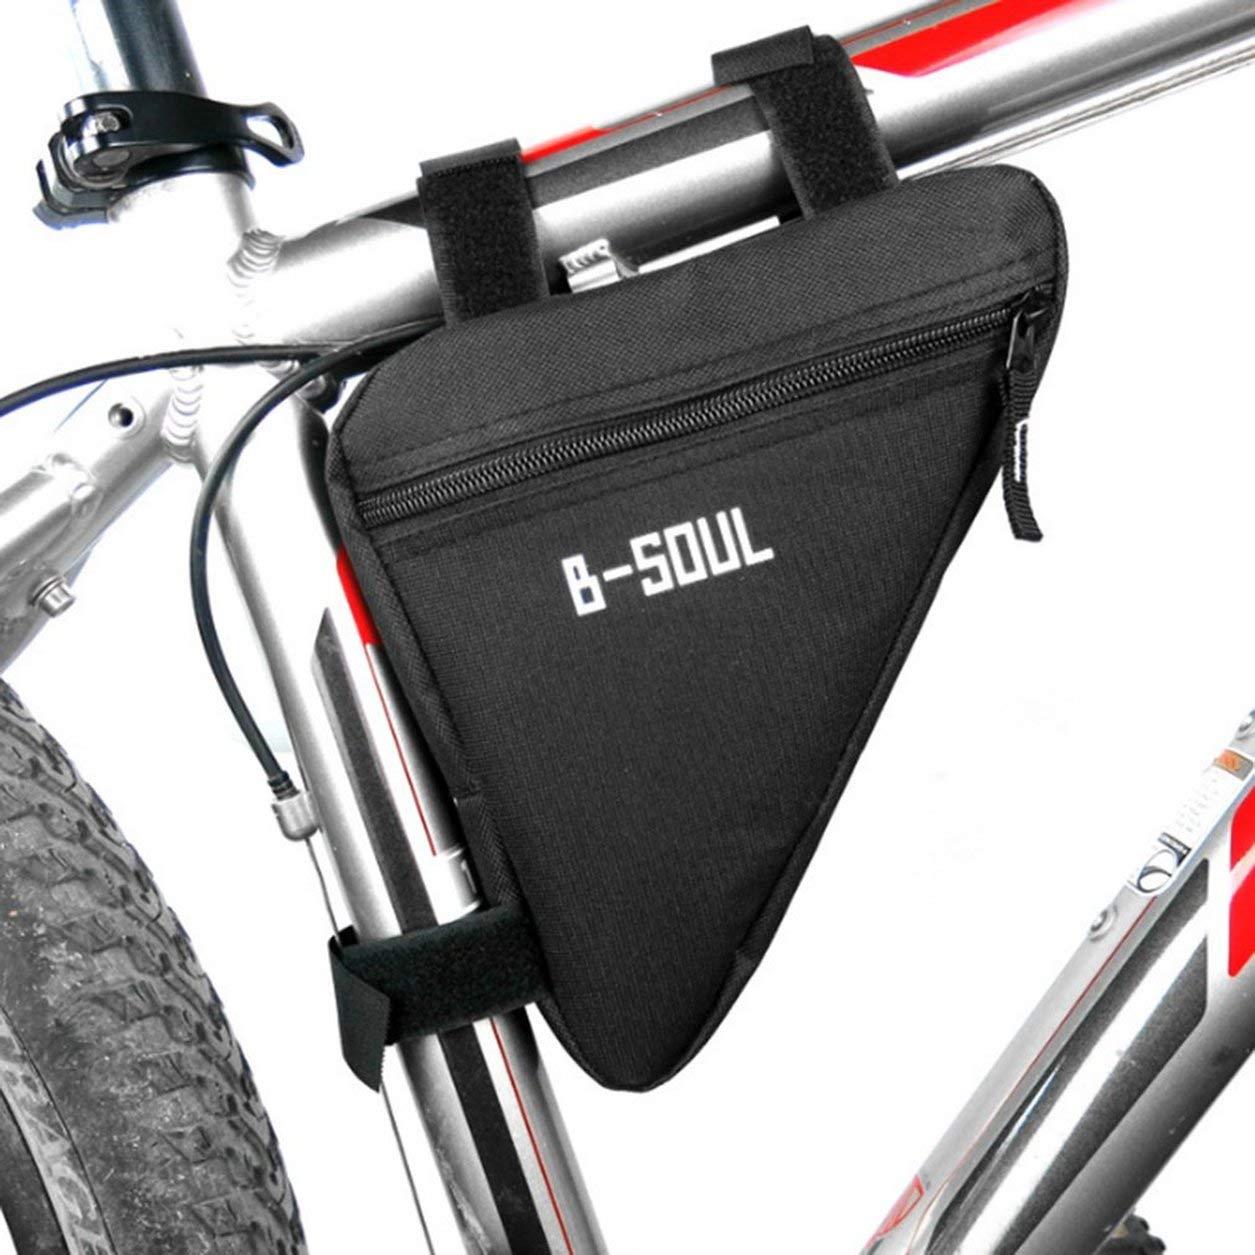 Dailyinshop B-Alma Impermeable Tri/ángulo de Ciclo de la Bicicleta Bolsas Frontal del Marco del Tubo sostenedor del Bolso Bolsa de Montar de la Bici del Manillar Accesorios de la Bici